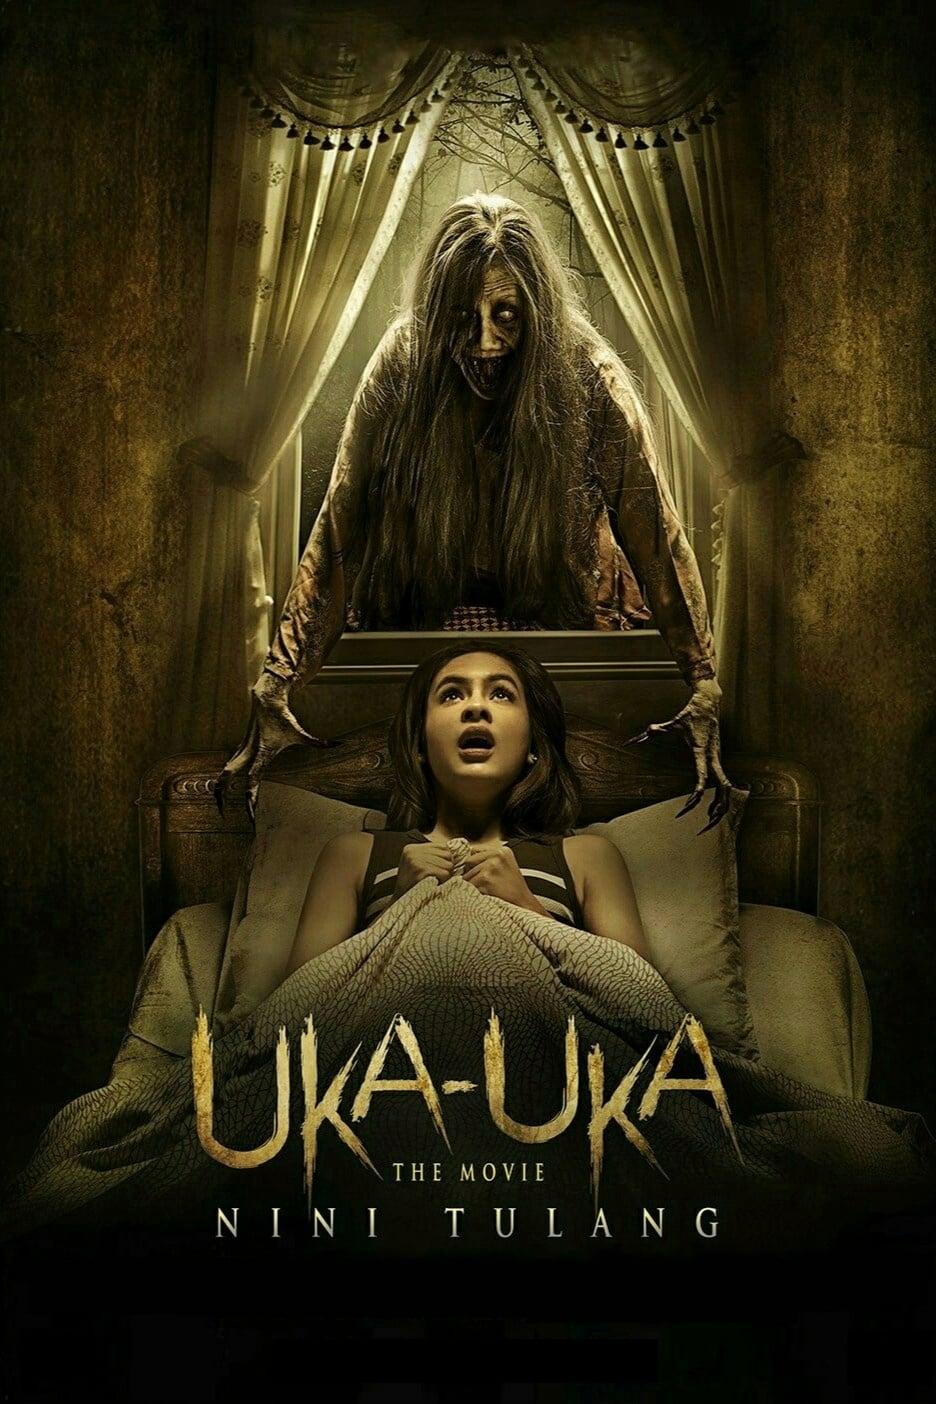 Uka-Uka The Movie: Nini Tulang